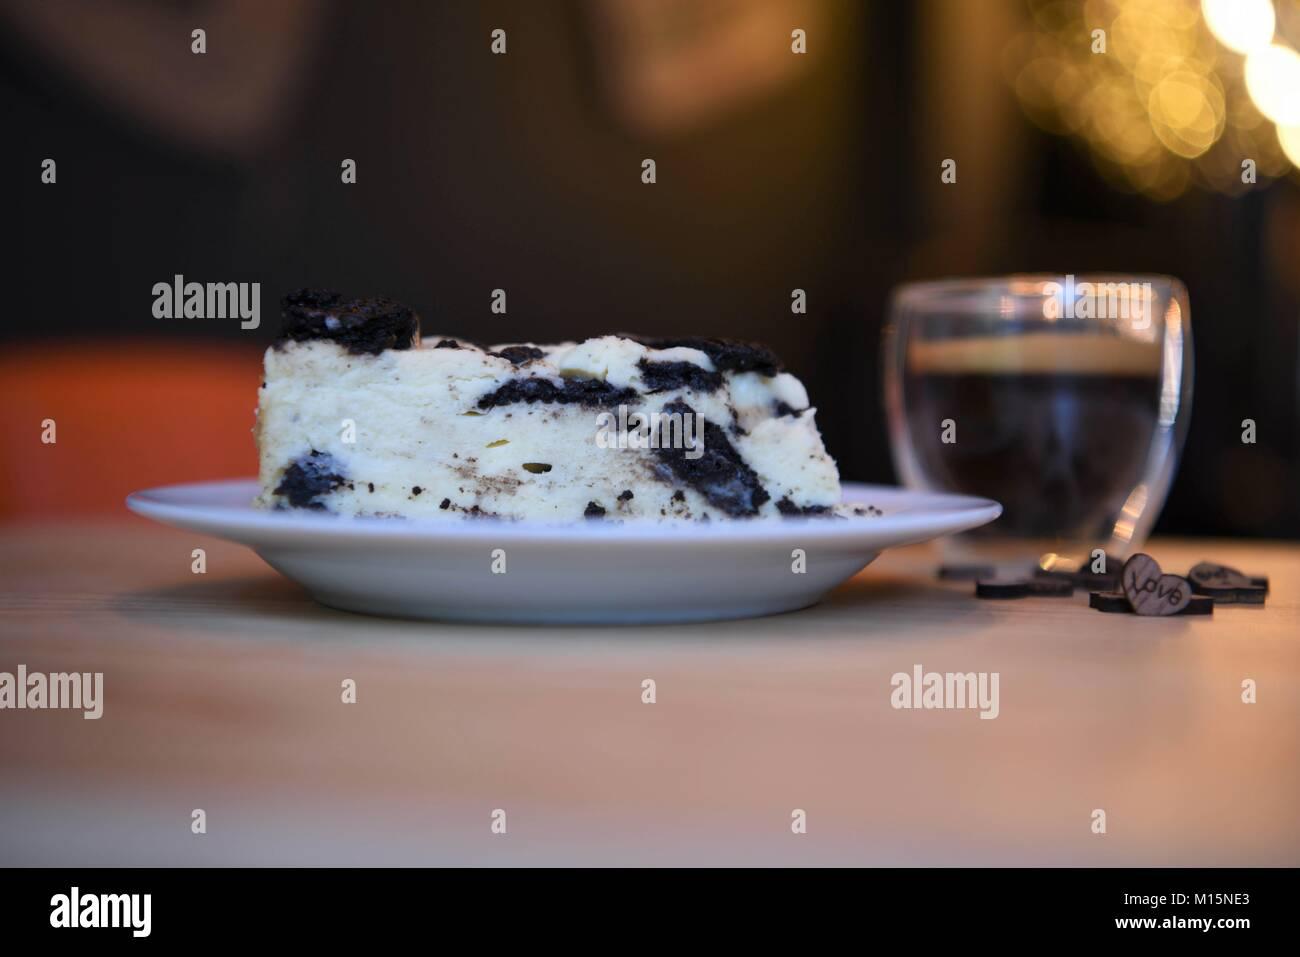 Comida casera de galletas de chocolate cheesecake con decoraciones de madera corazón el amor y la iluminación Imagen De Stock